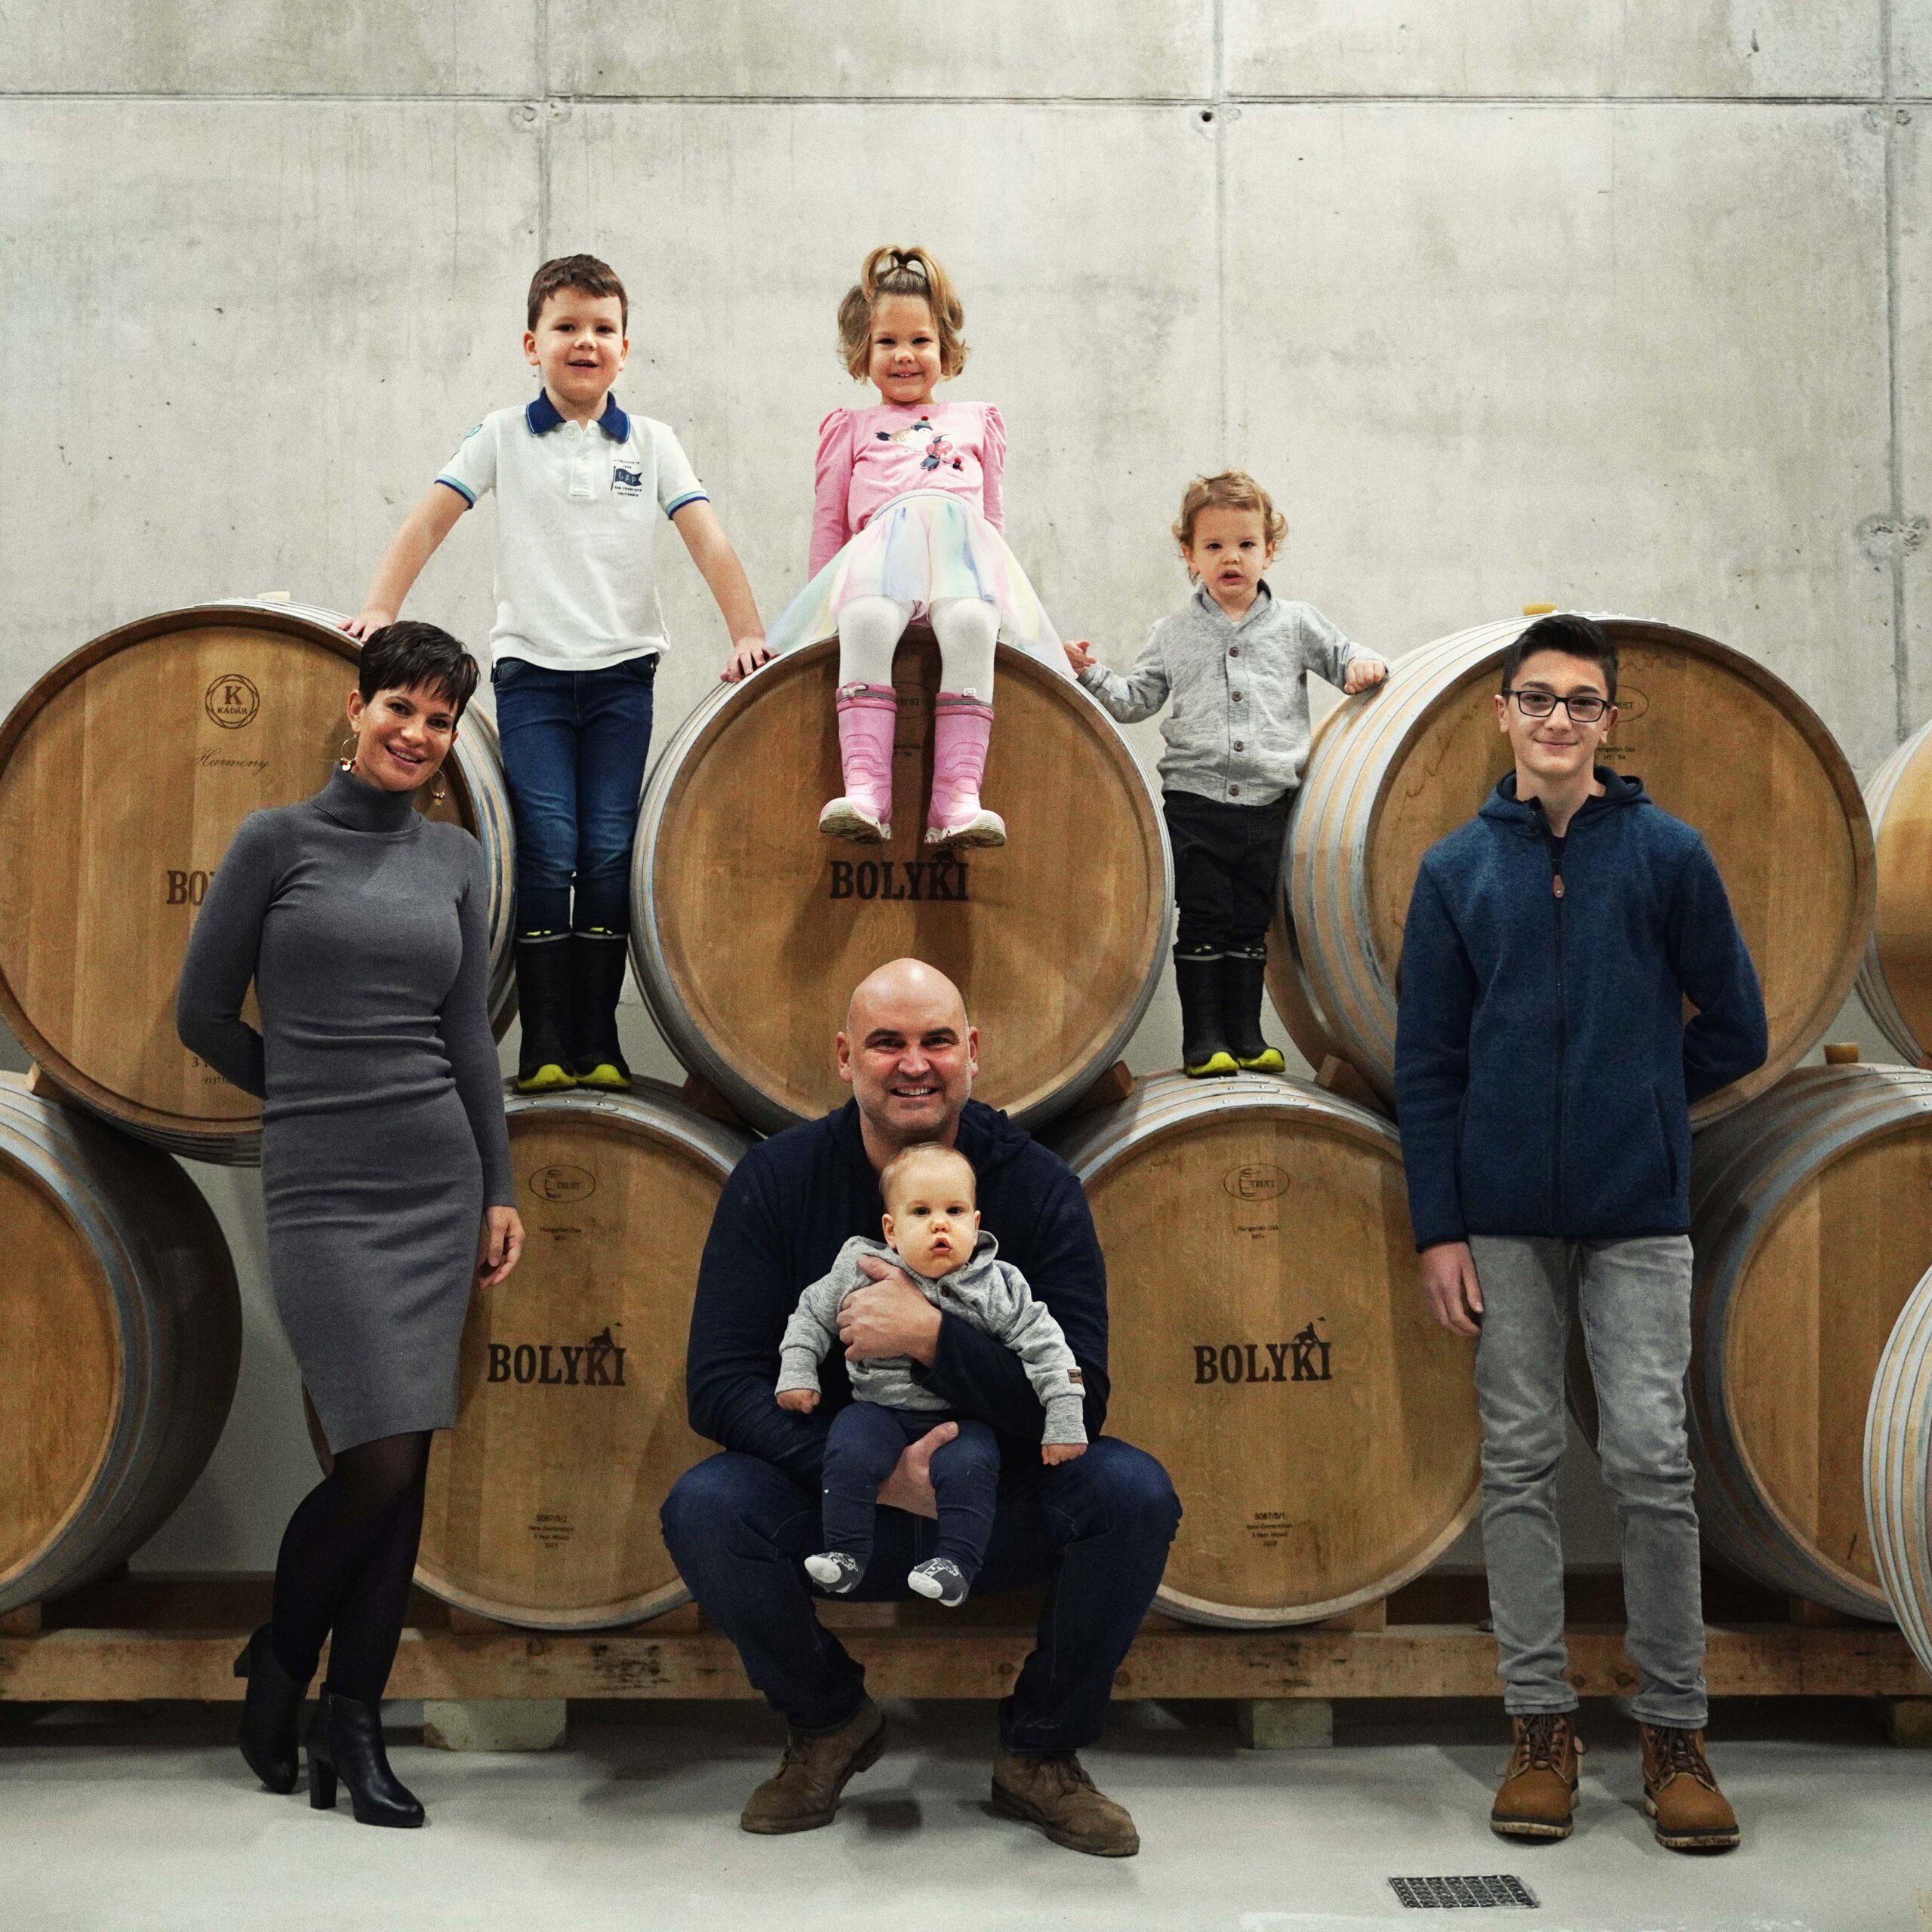 Bolyki János, szőlész-borász, bor, Eger, nagycsalád, Bolyki